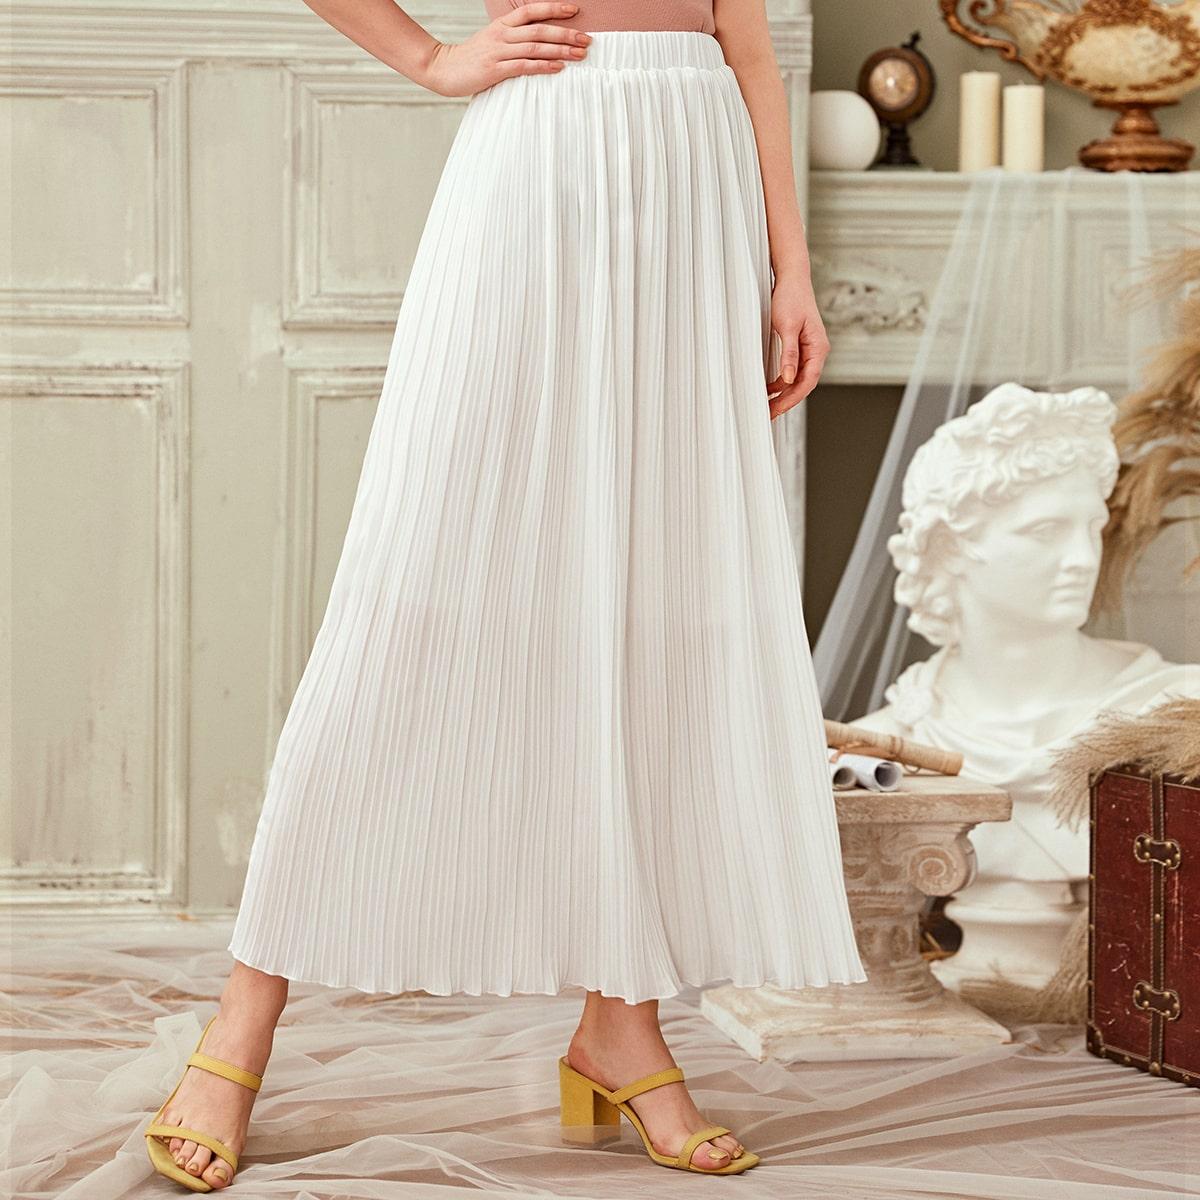 Однотонная плиссированная юбка с эластичной талией